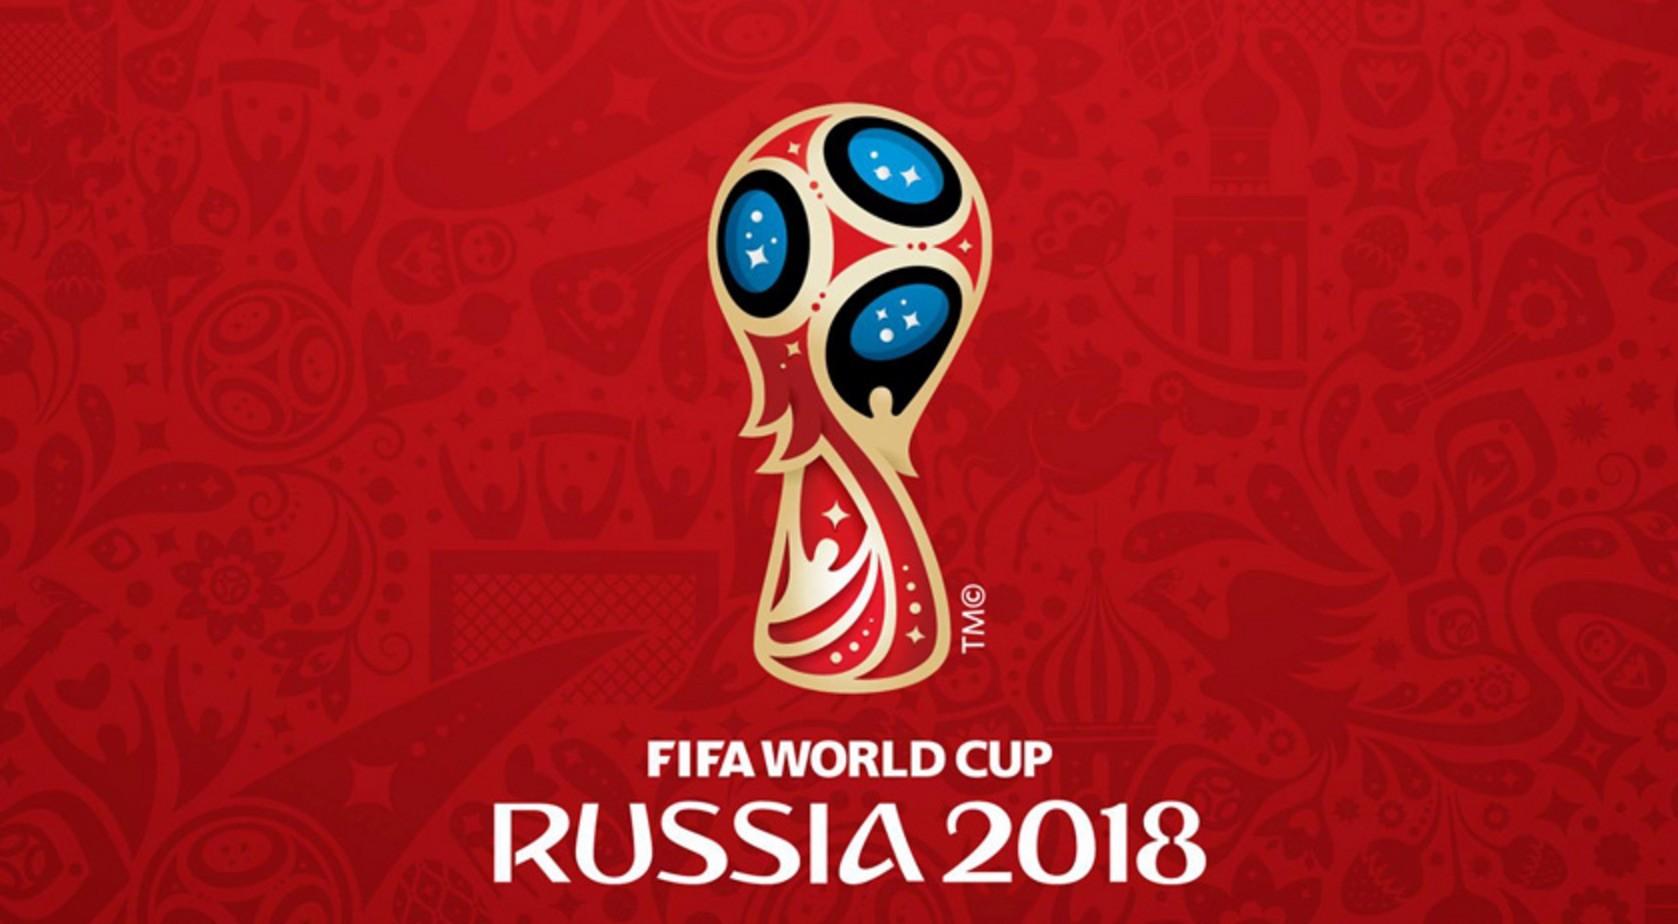 10 choses à savoir sur la Coupe du monde de football 2018